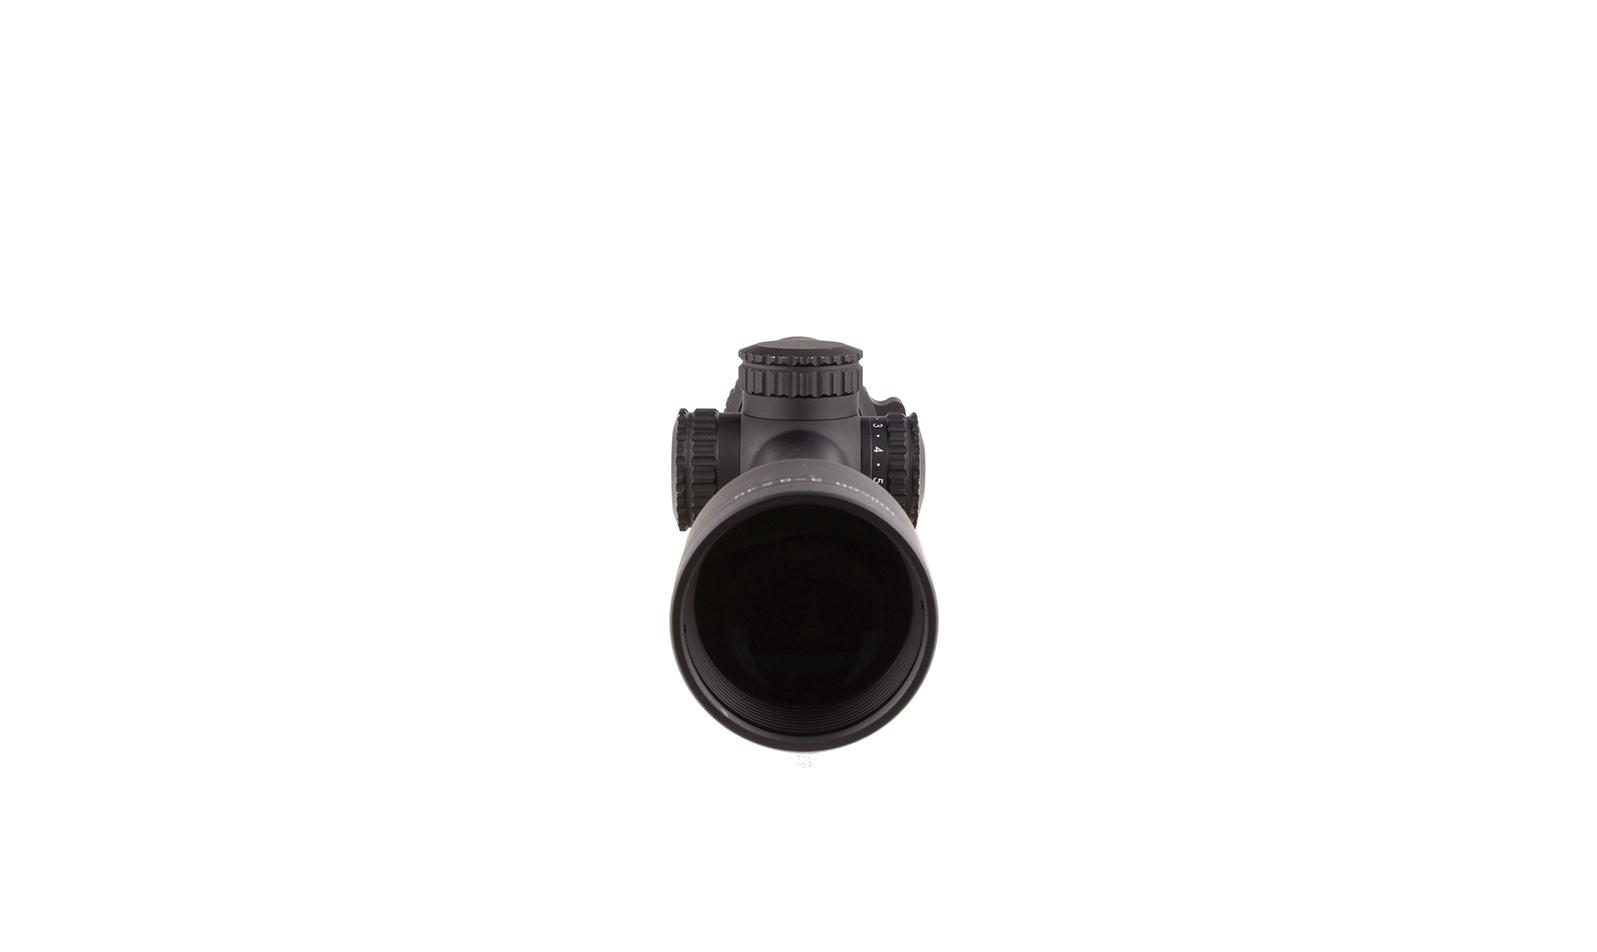 RS20-C-1900011 angle 8